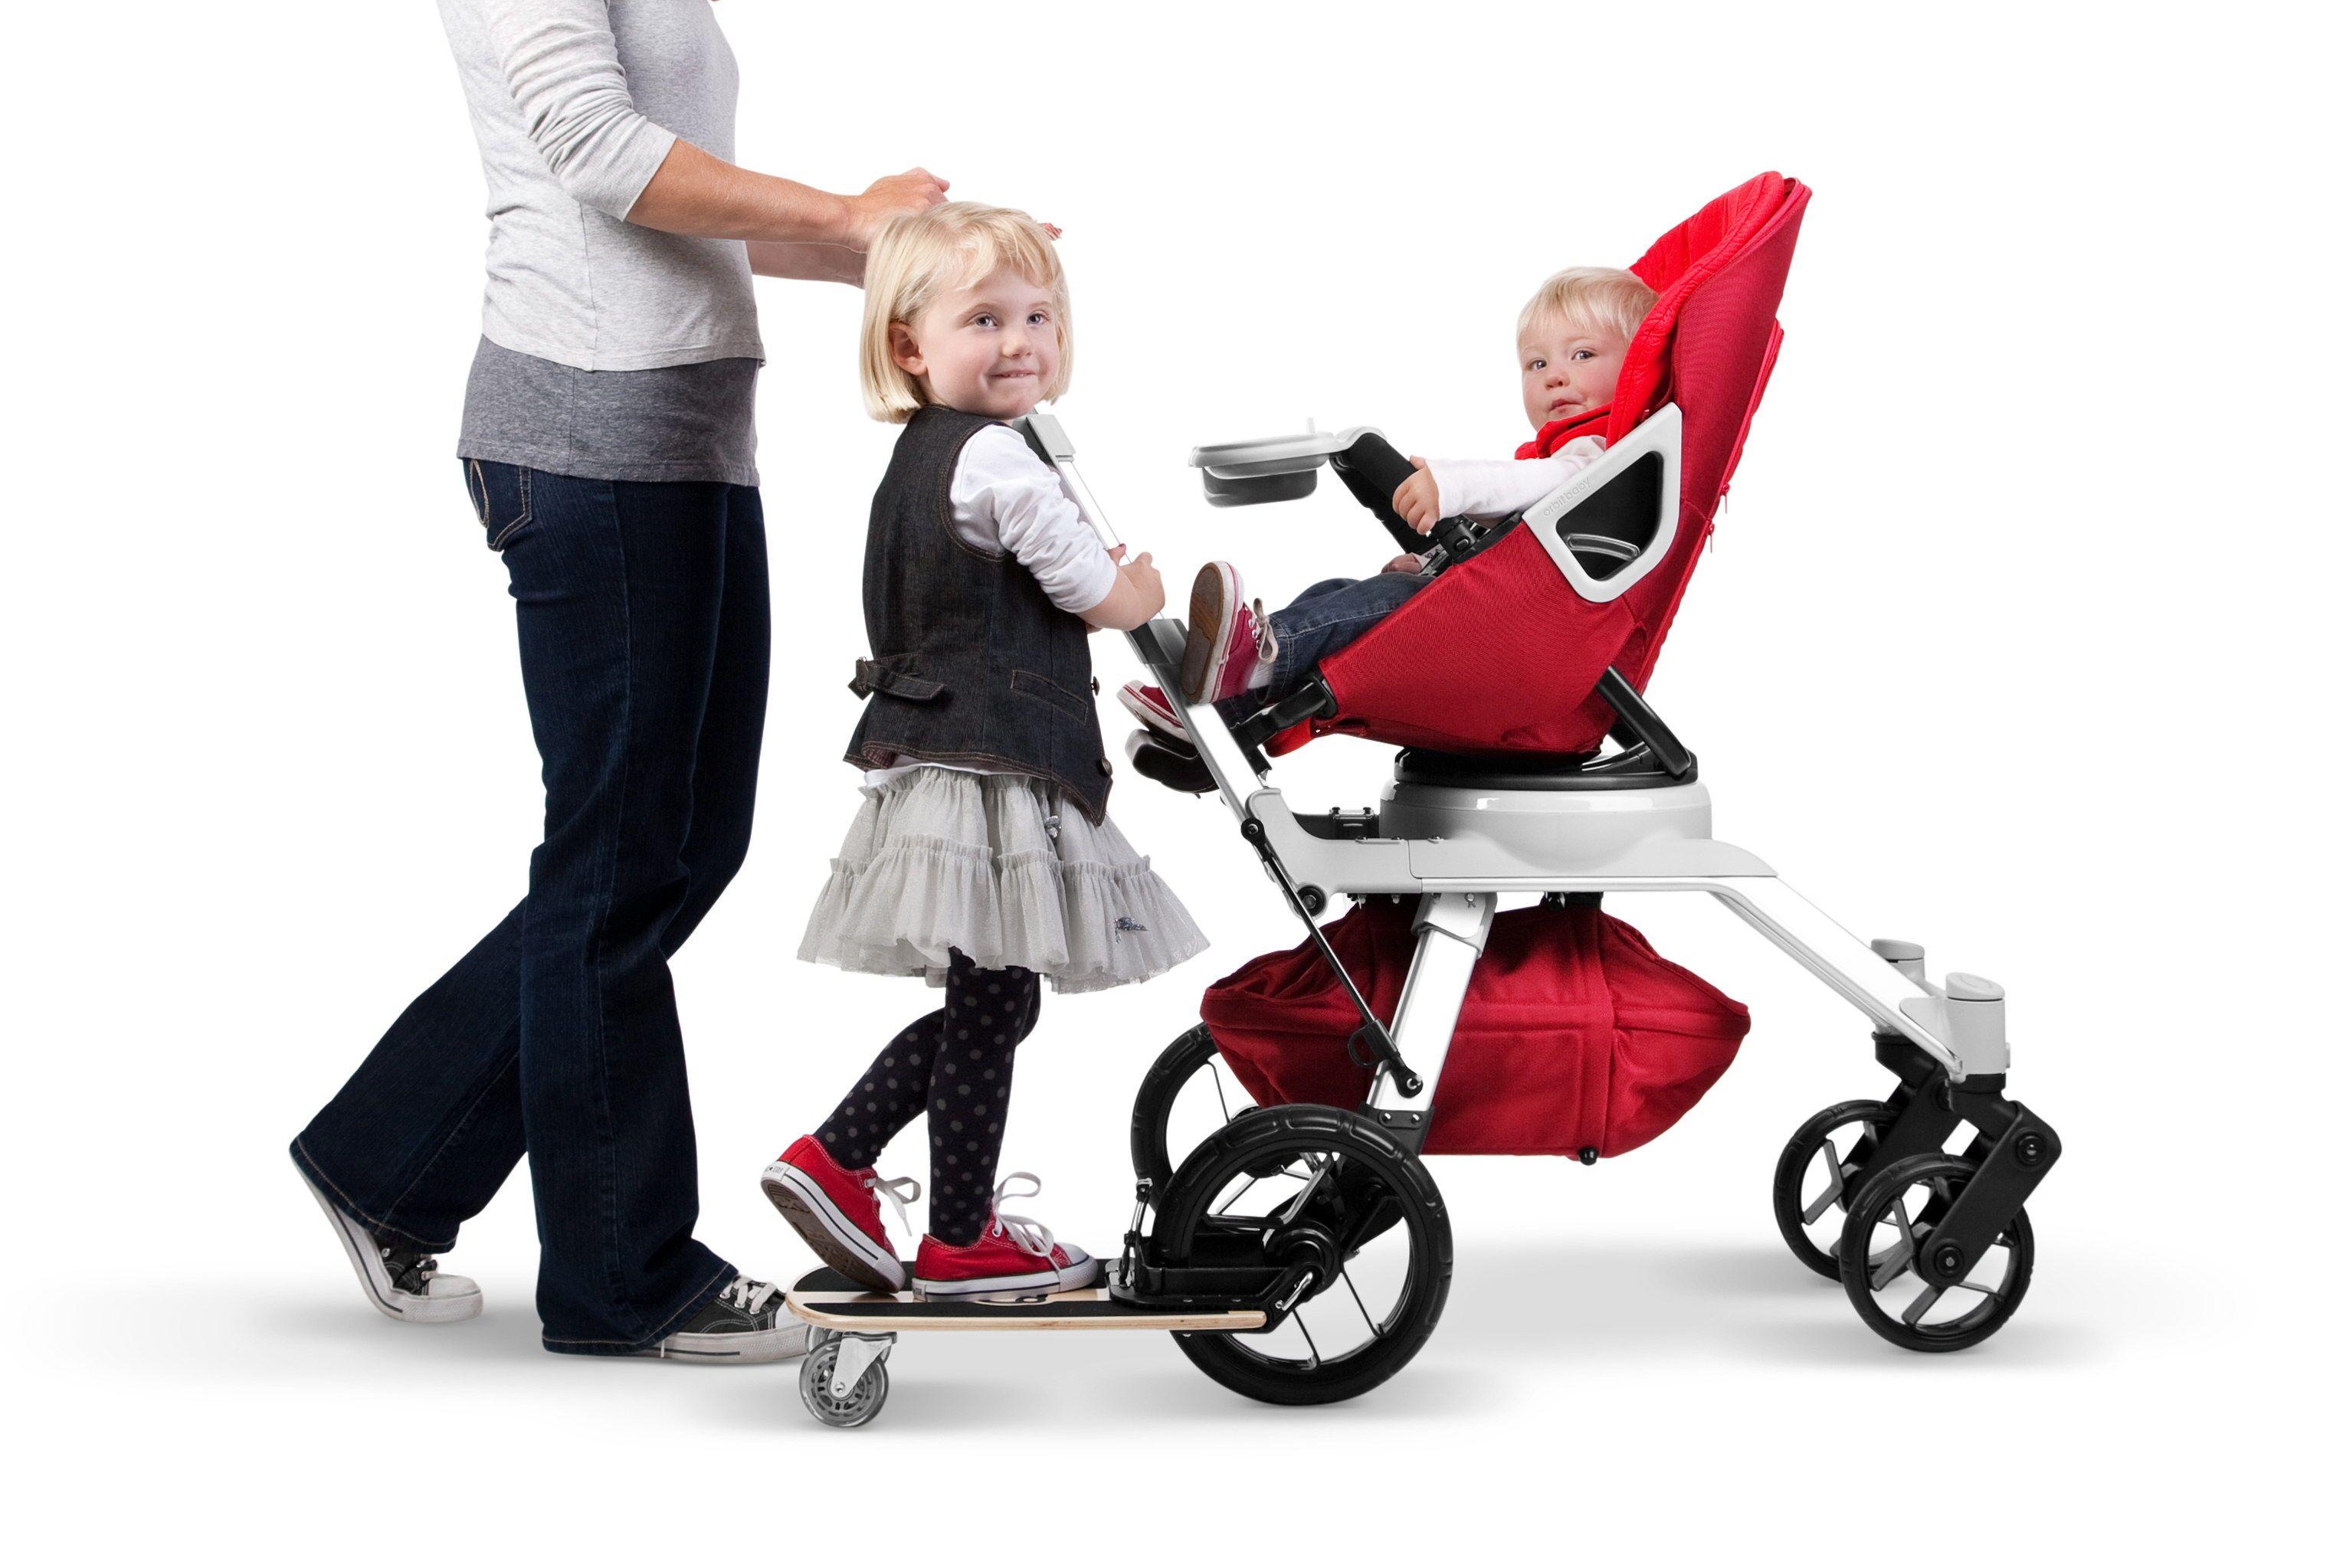 skateboard on a stroller from orbit baby baby kid ideas